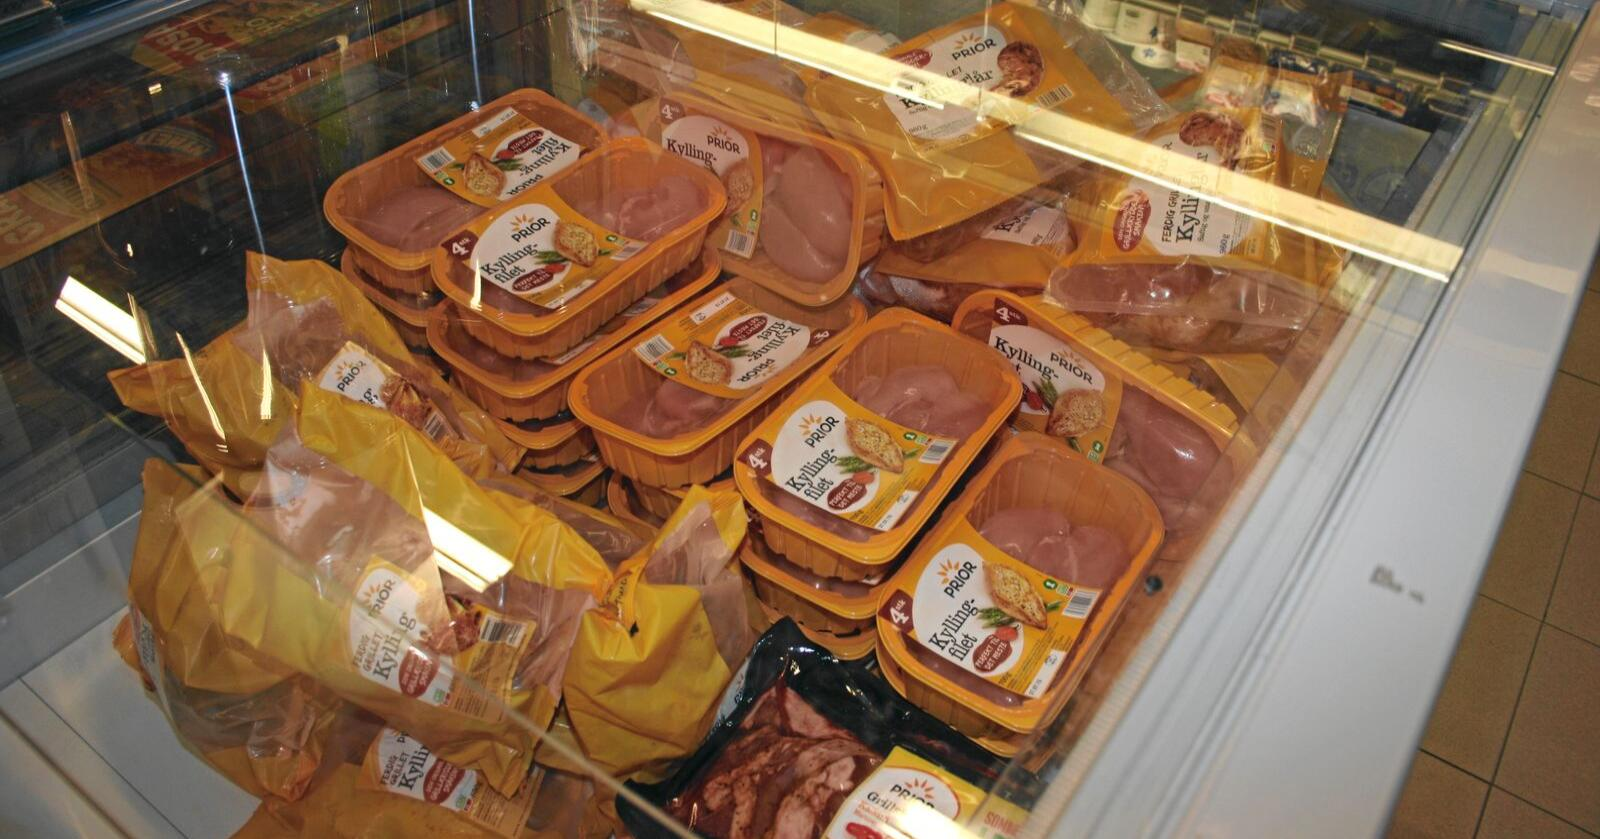 Avtale: Nortura har inngått ein ny avtale med Norgesgruppen som kan gi stor vekst i salet av kylling og kalkun, melder Nortura. Foto: Bjarne Bekkeheien Aase